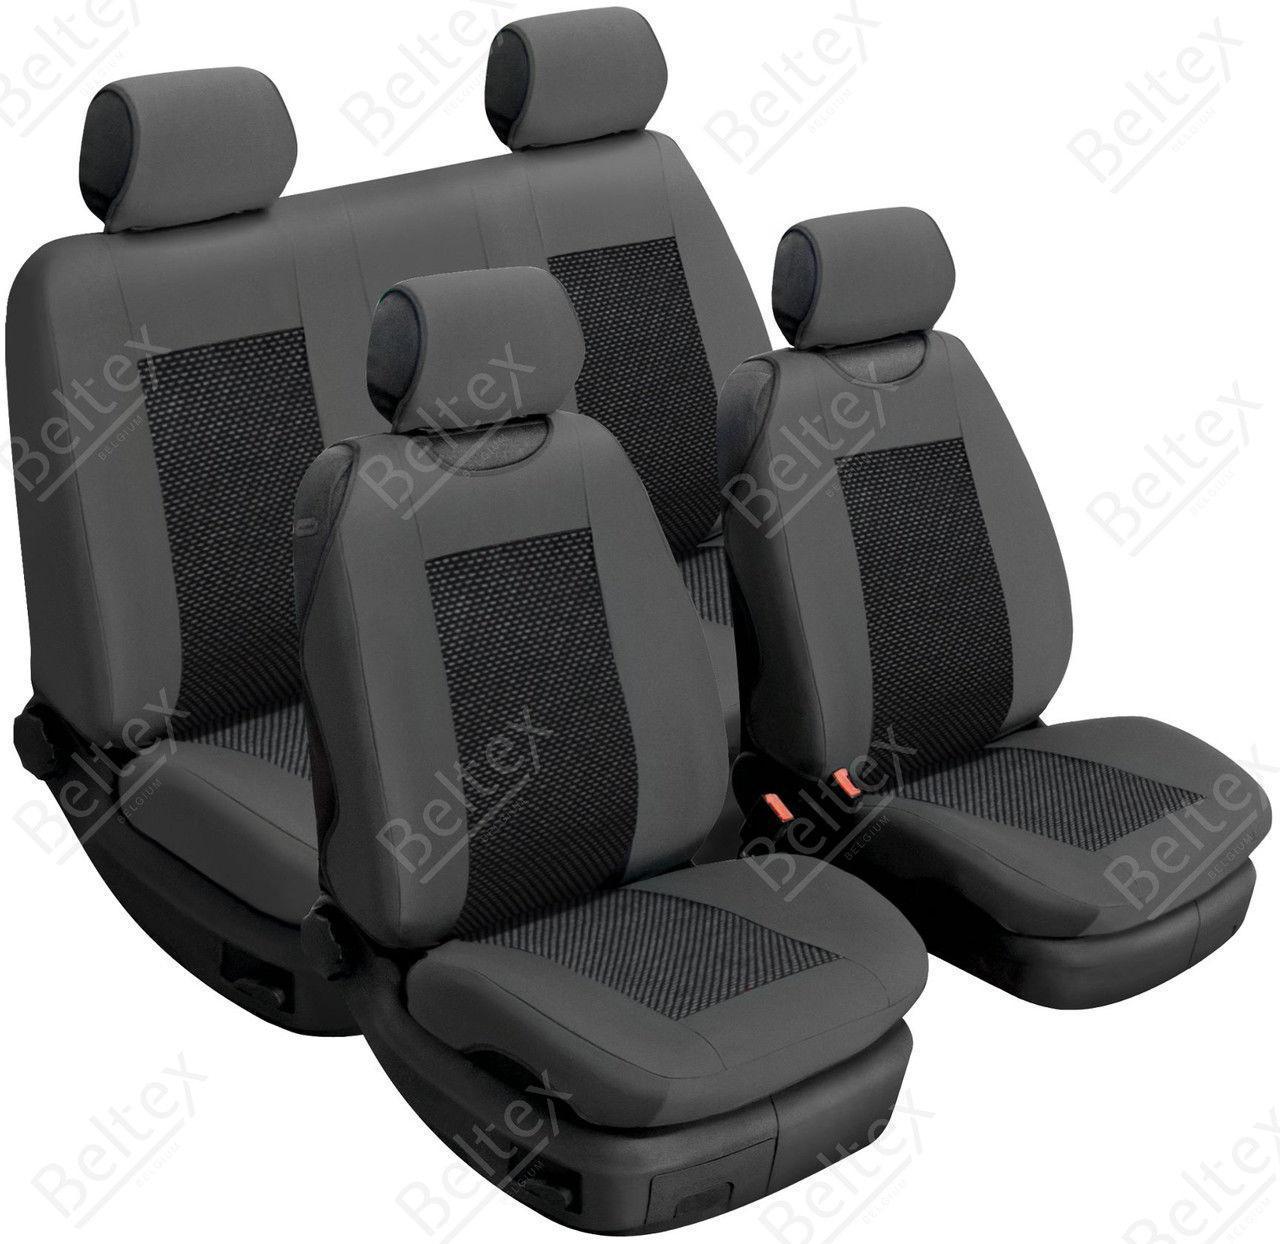 Майки/чехлы на сиденья Тойота Карина Е (Toyota Carina E)